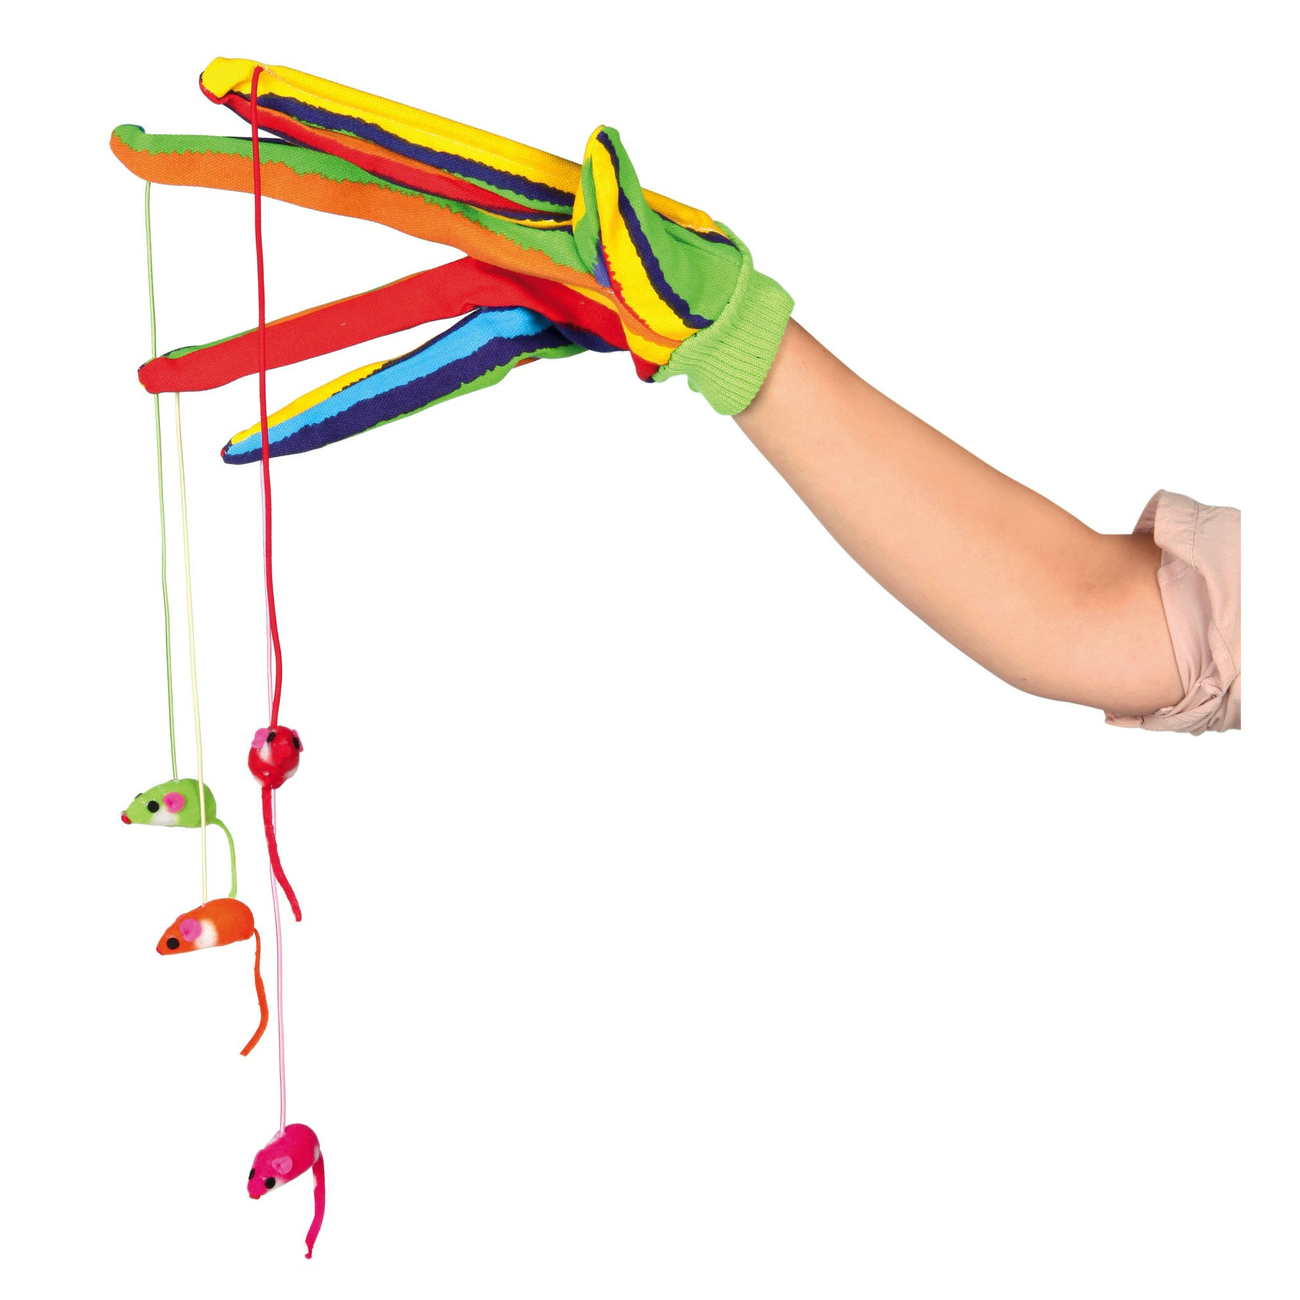 Trixie Katzen Handschuh mit 4 Hängemäusen, Handschuh mit 4 Hängemäusen